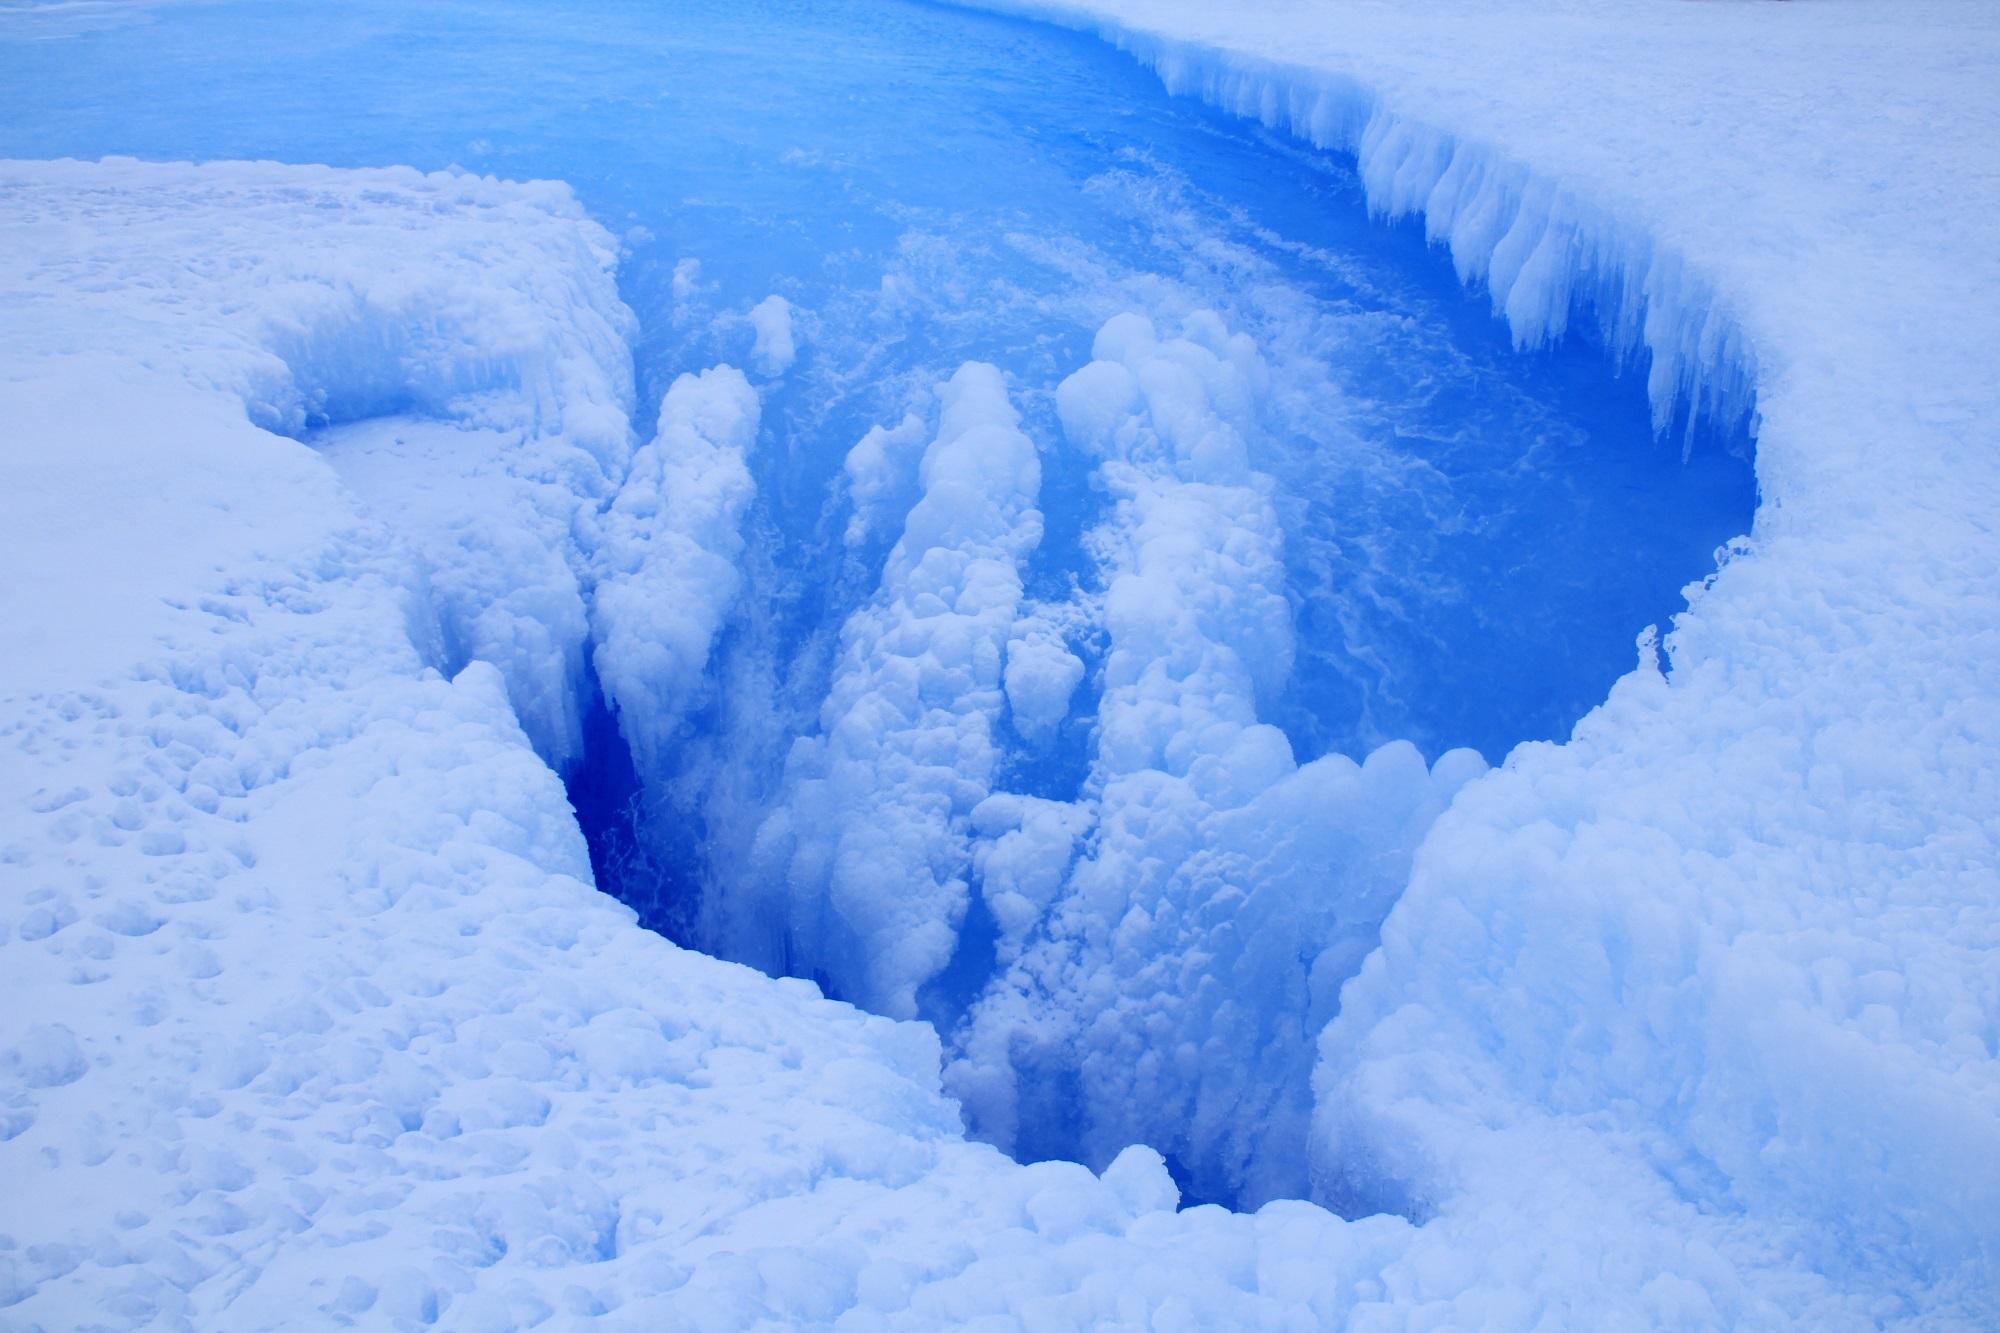 El remolino en la Antártida. Foto: ULB